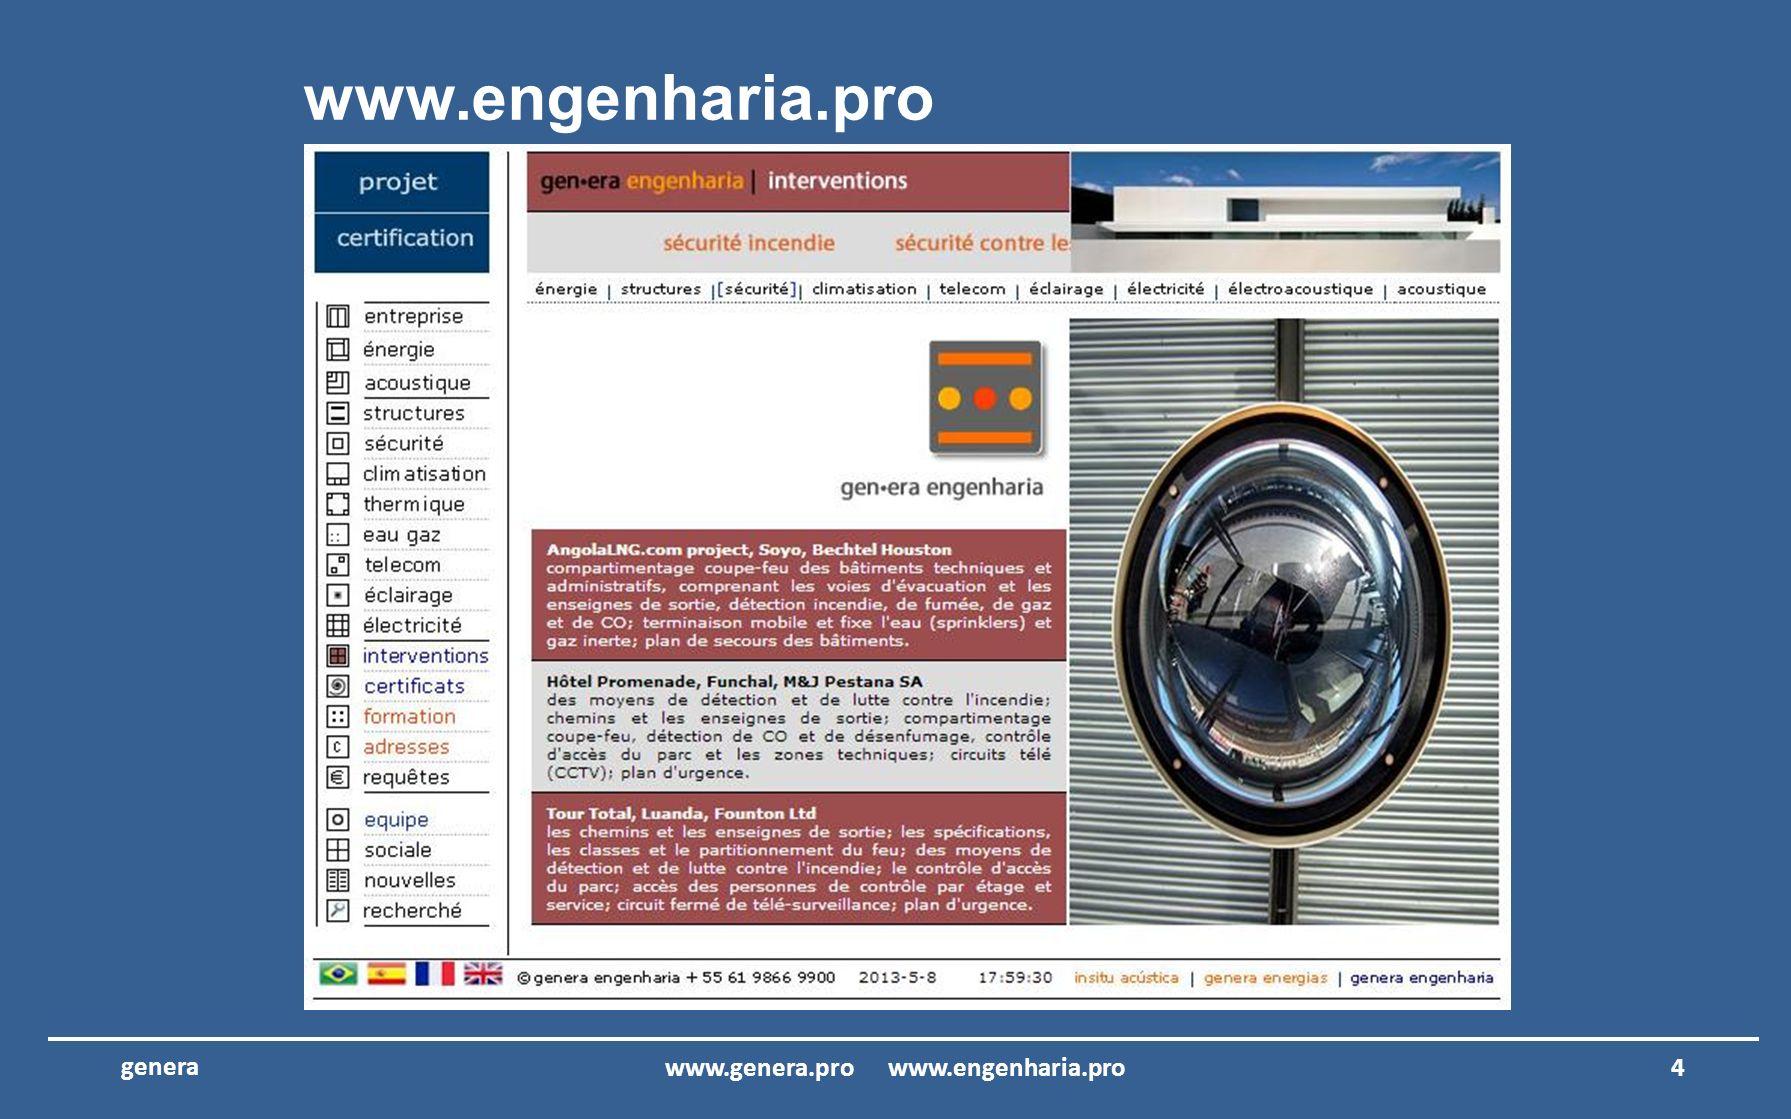 3www.genera.pro www.engenharia.pro genera www.genera.pro